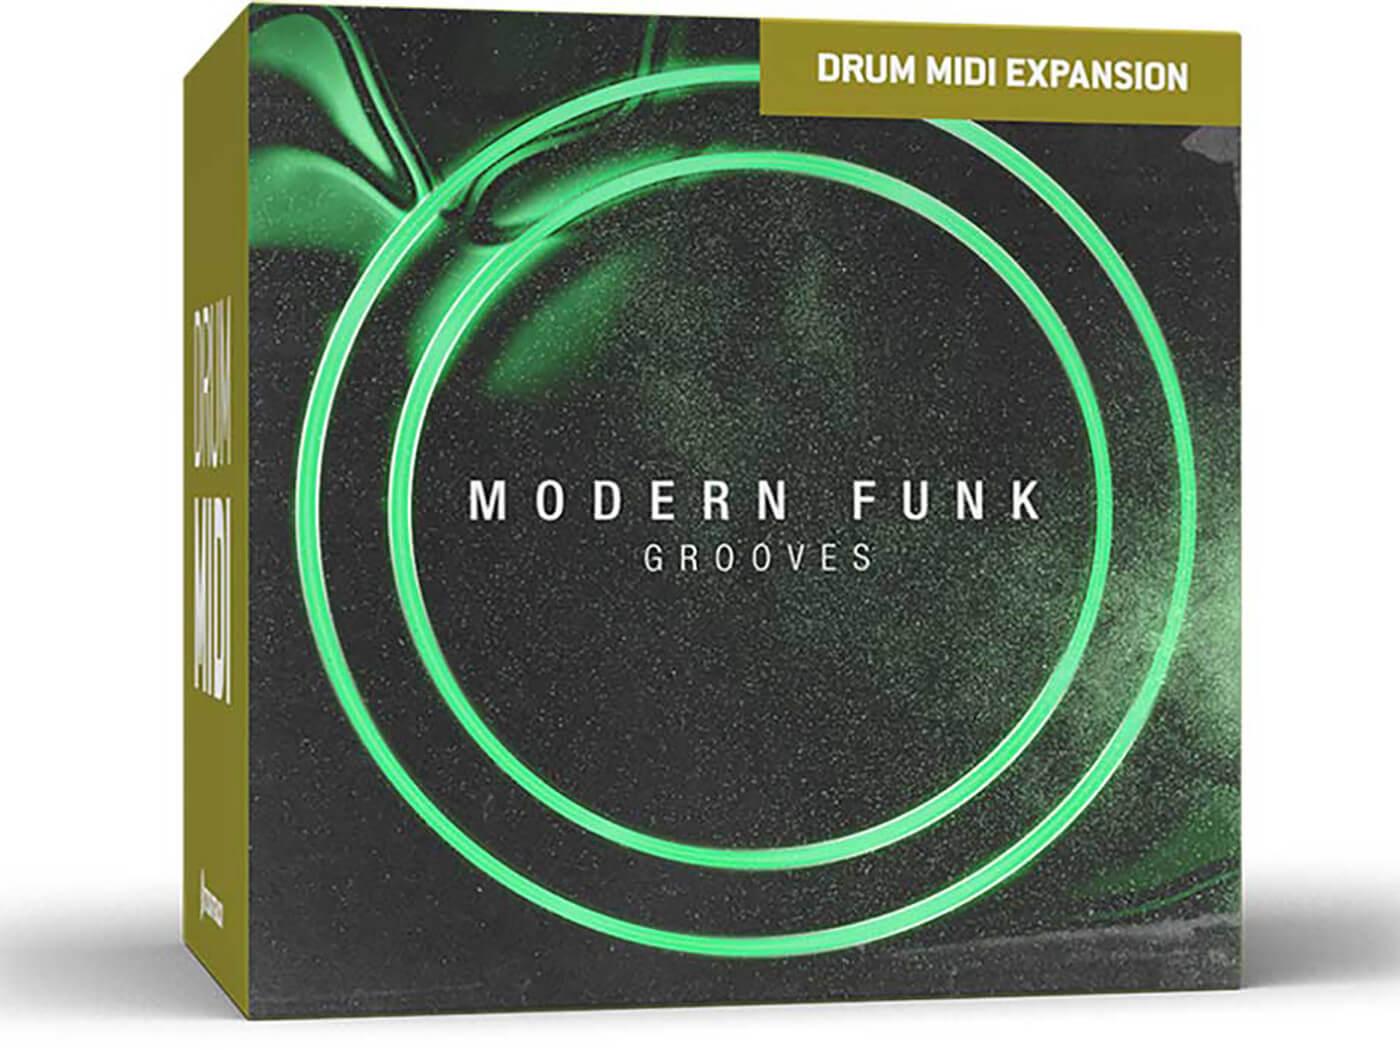 Toontrack - Modern Funk Grooves Drum MIDI Pack